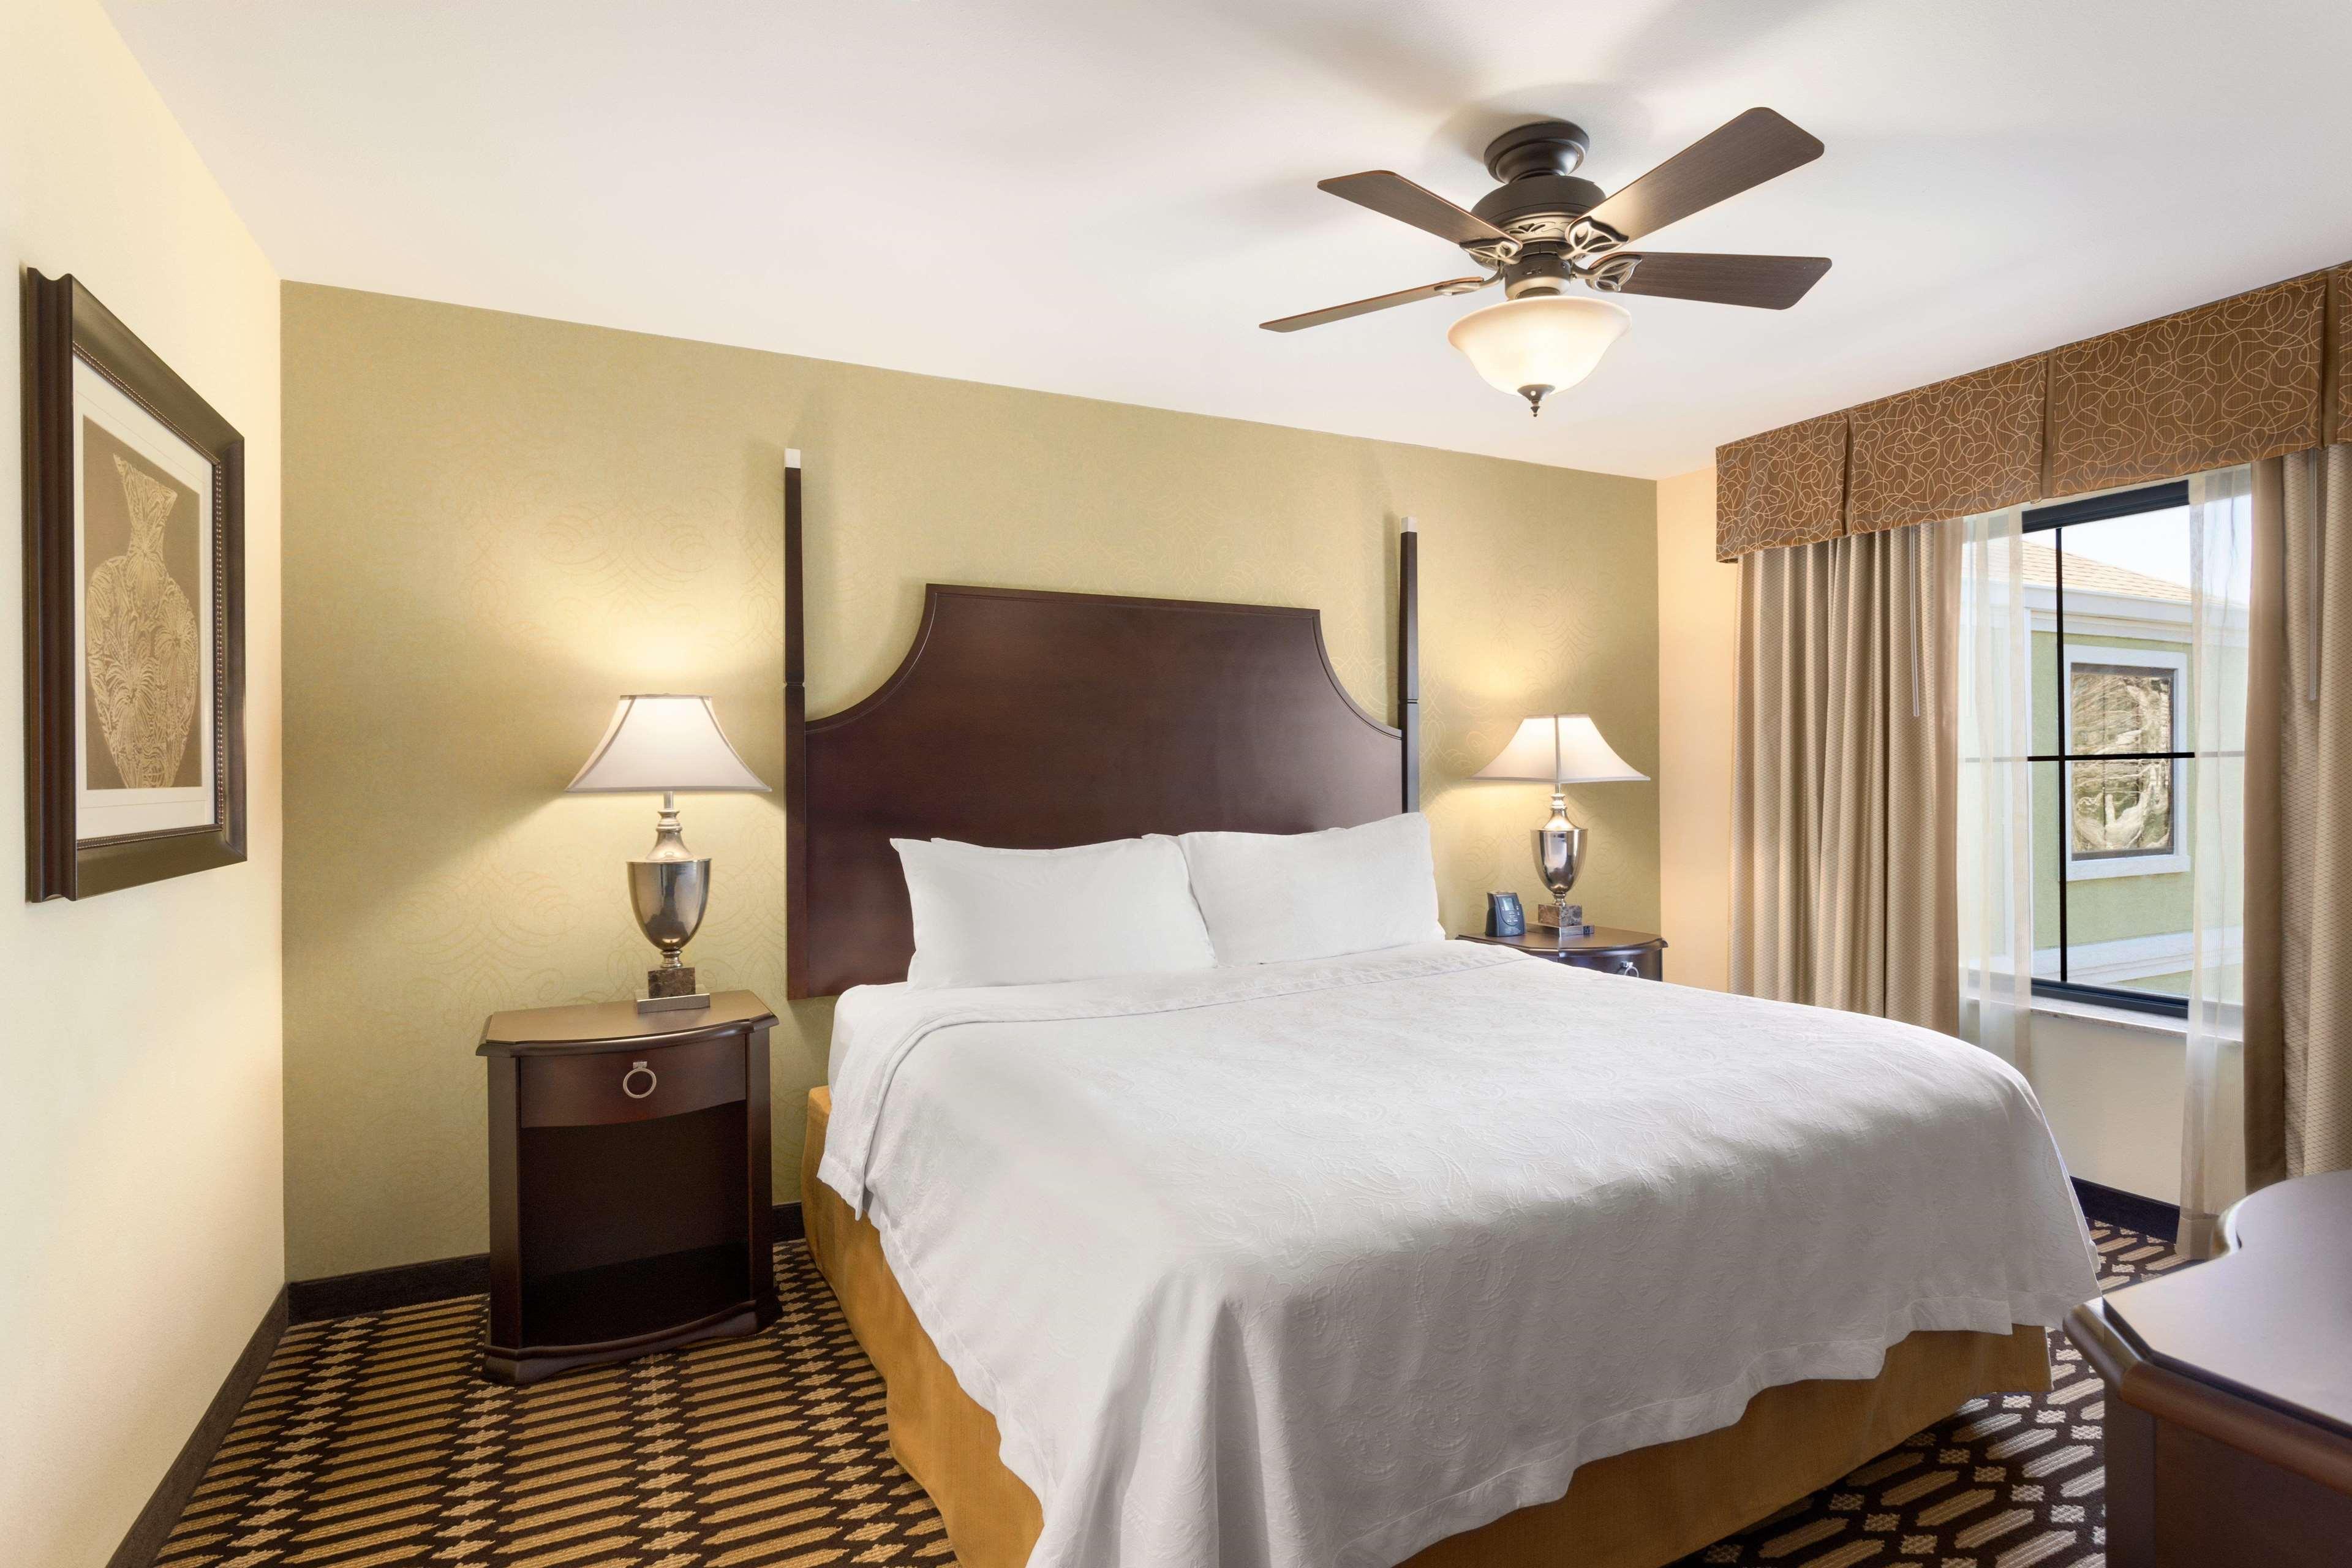 Homewood Suites by Hilton Lafayette-Airport, LA image 10